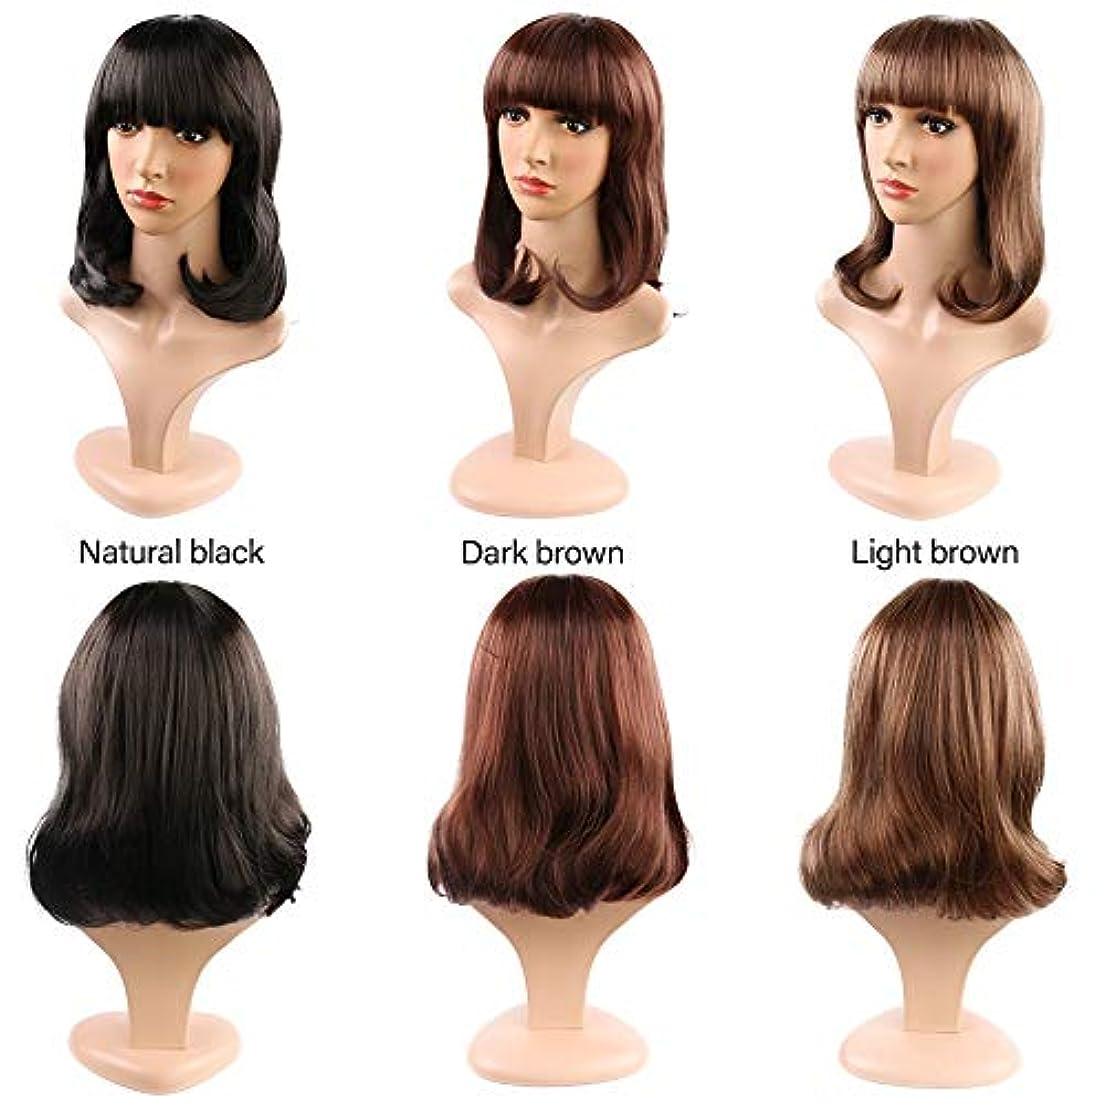 小競り合い経済単調な女性のためのストレートフラット前髪ショートボブウィッグ合成かつら耐熱完全な頭部の髪の交換ウィッグミディアムの長さ (Color : Light Brown)